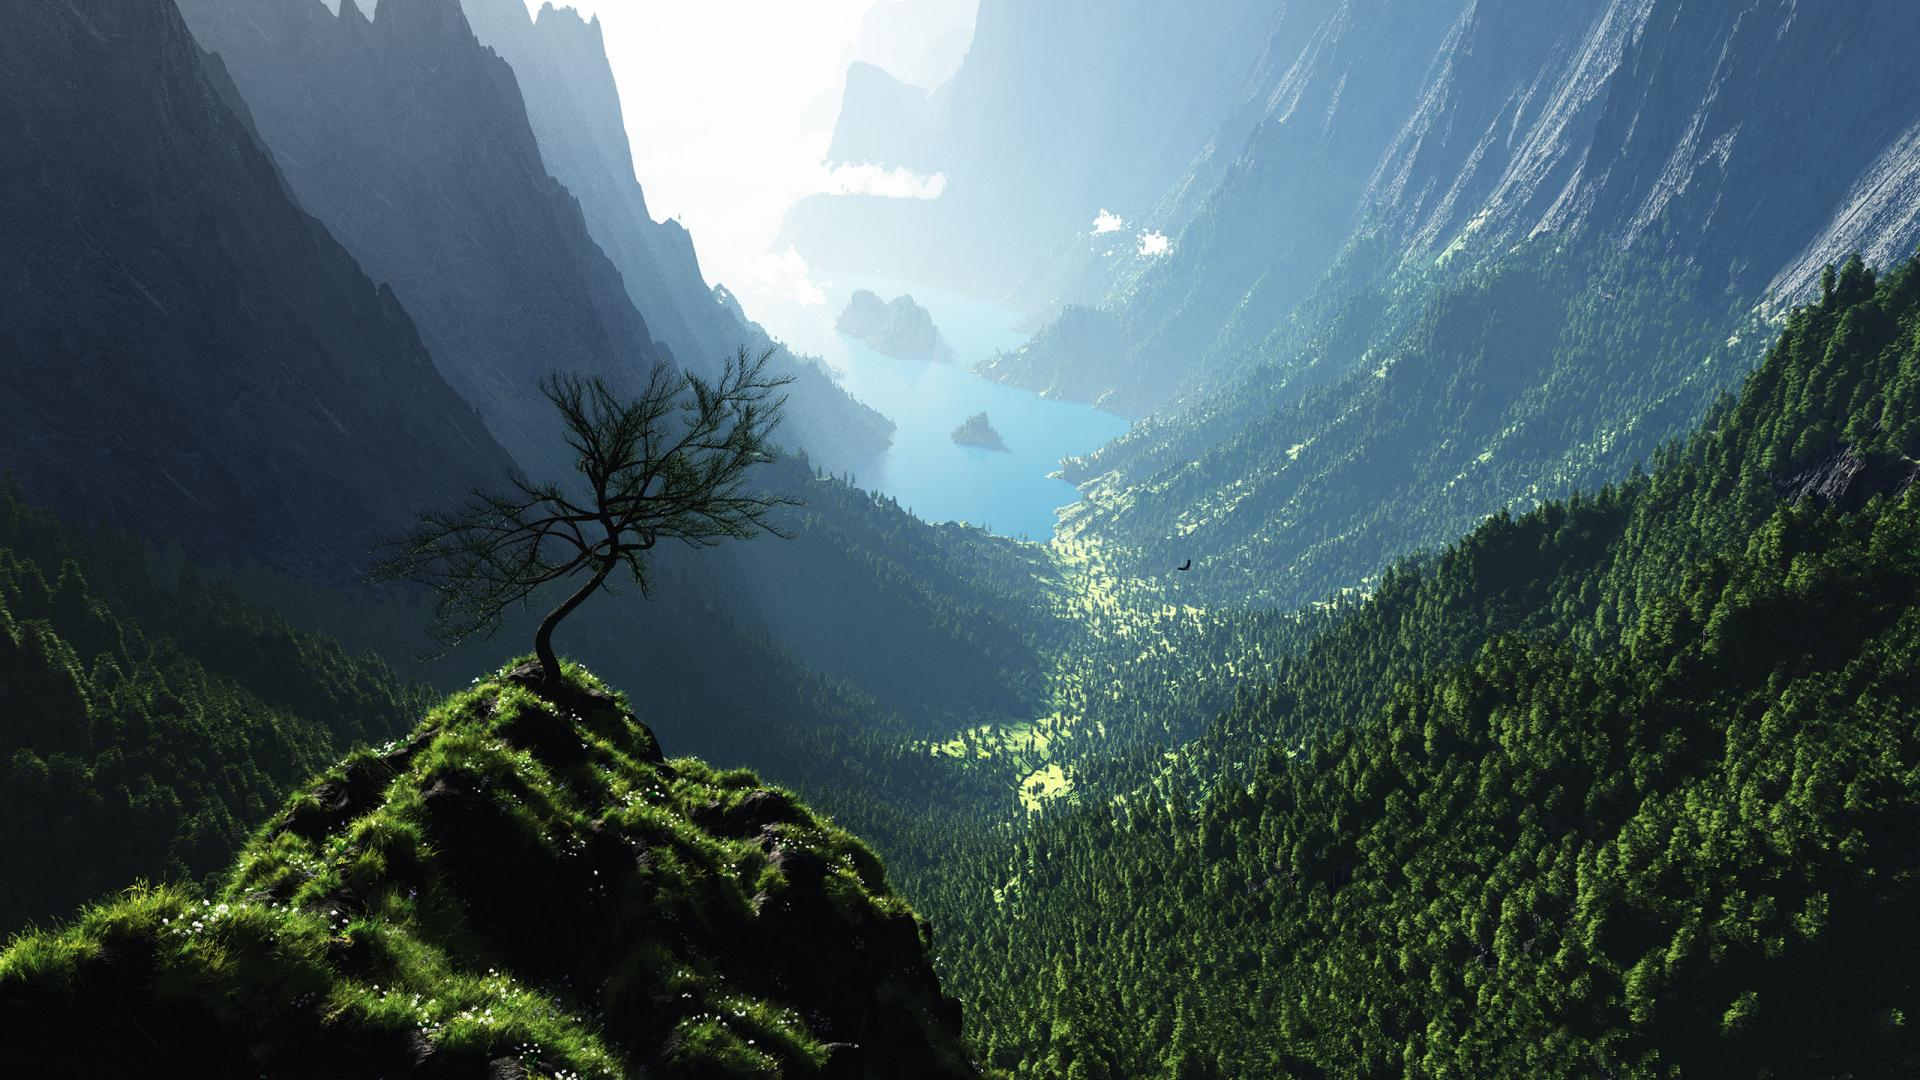 природа деревья скалы горы облака высота смотреть